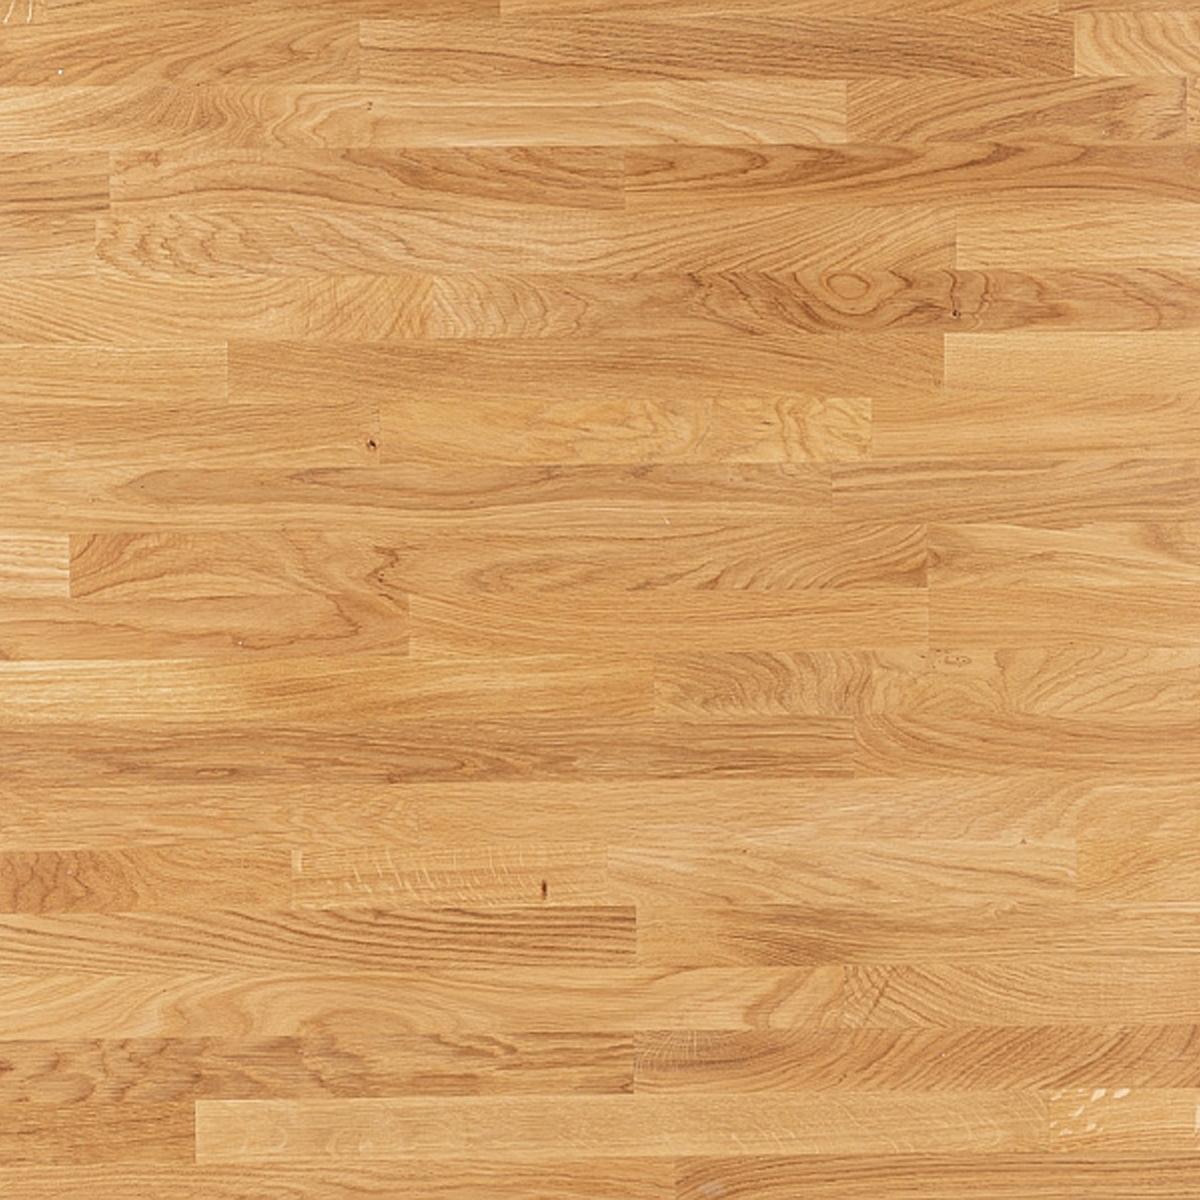 Esstisch Massivholz 504137-1